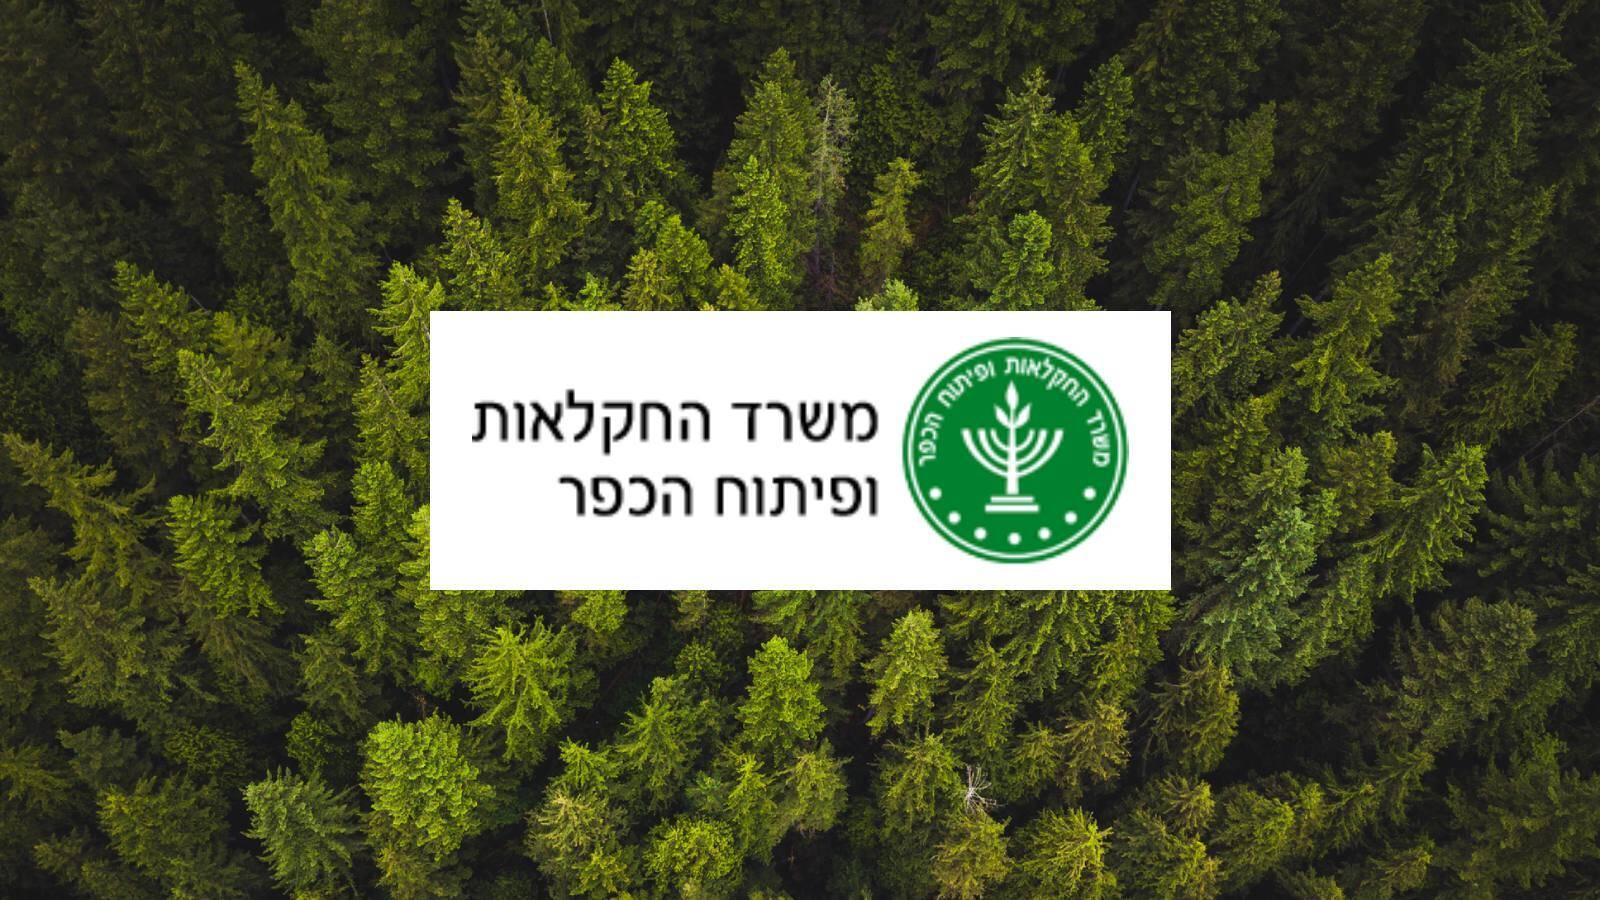 משרד החקלאות: קנאביס יכול לרפא סרטן - בריא בישראל